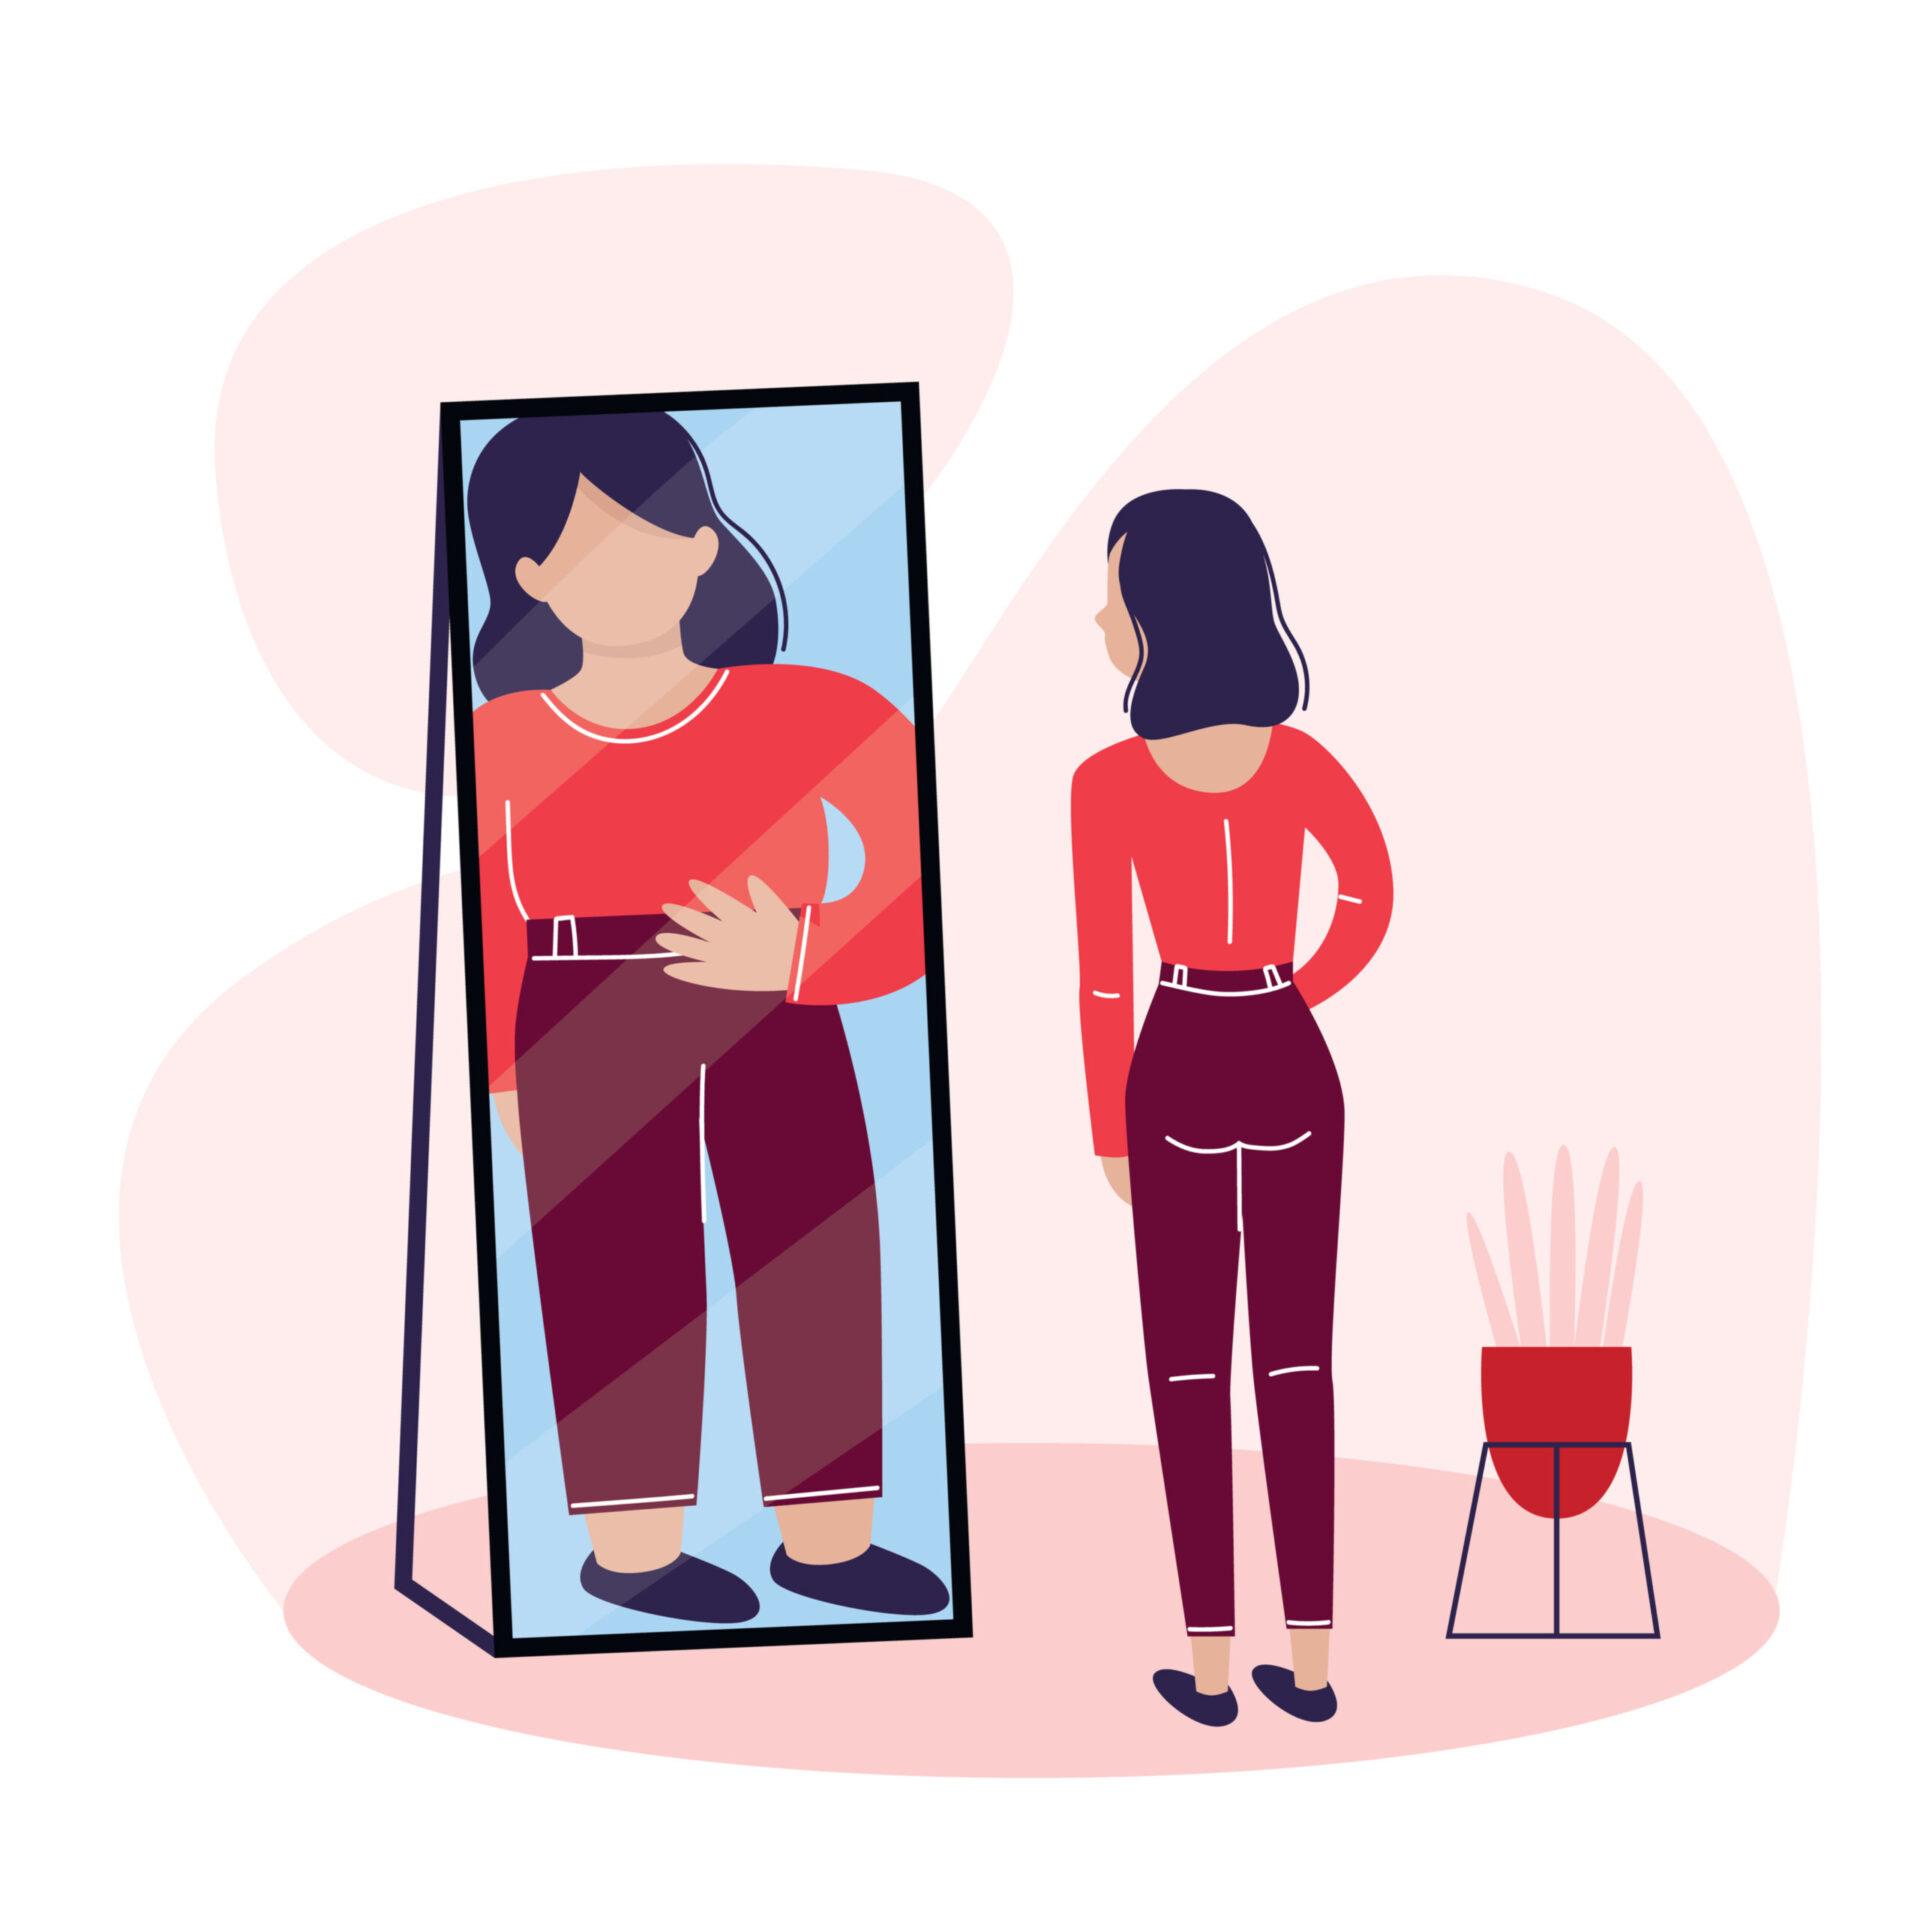 Pentru a calcula indicele de masă corporală (body mass index) și pentru a afla cum stai cu greutatea, trebuie doar să-ți împarți greutatea (în kilograme) la înălțimea (în metri) la pătrat. Foto: Shutterstock